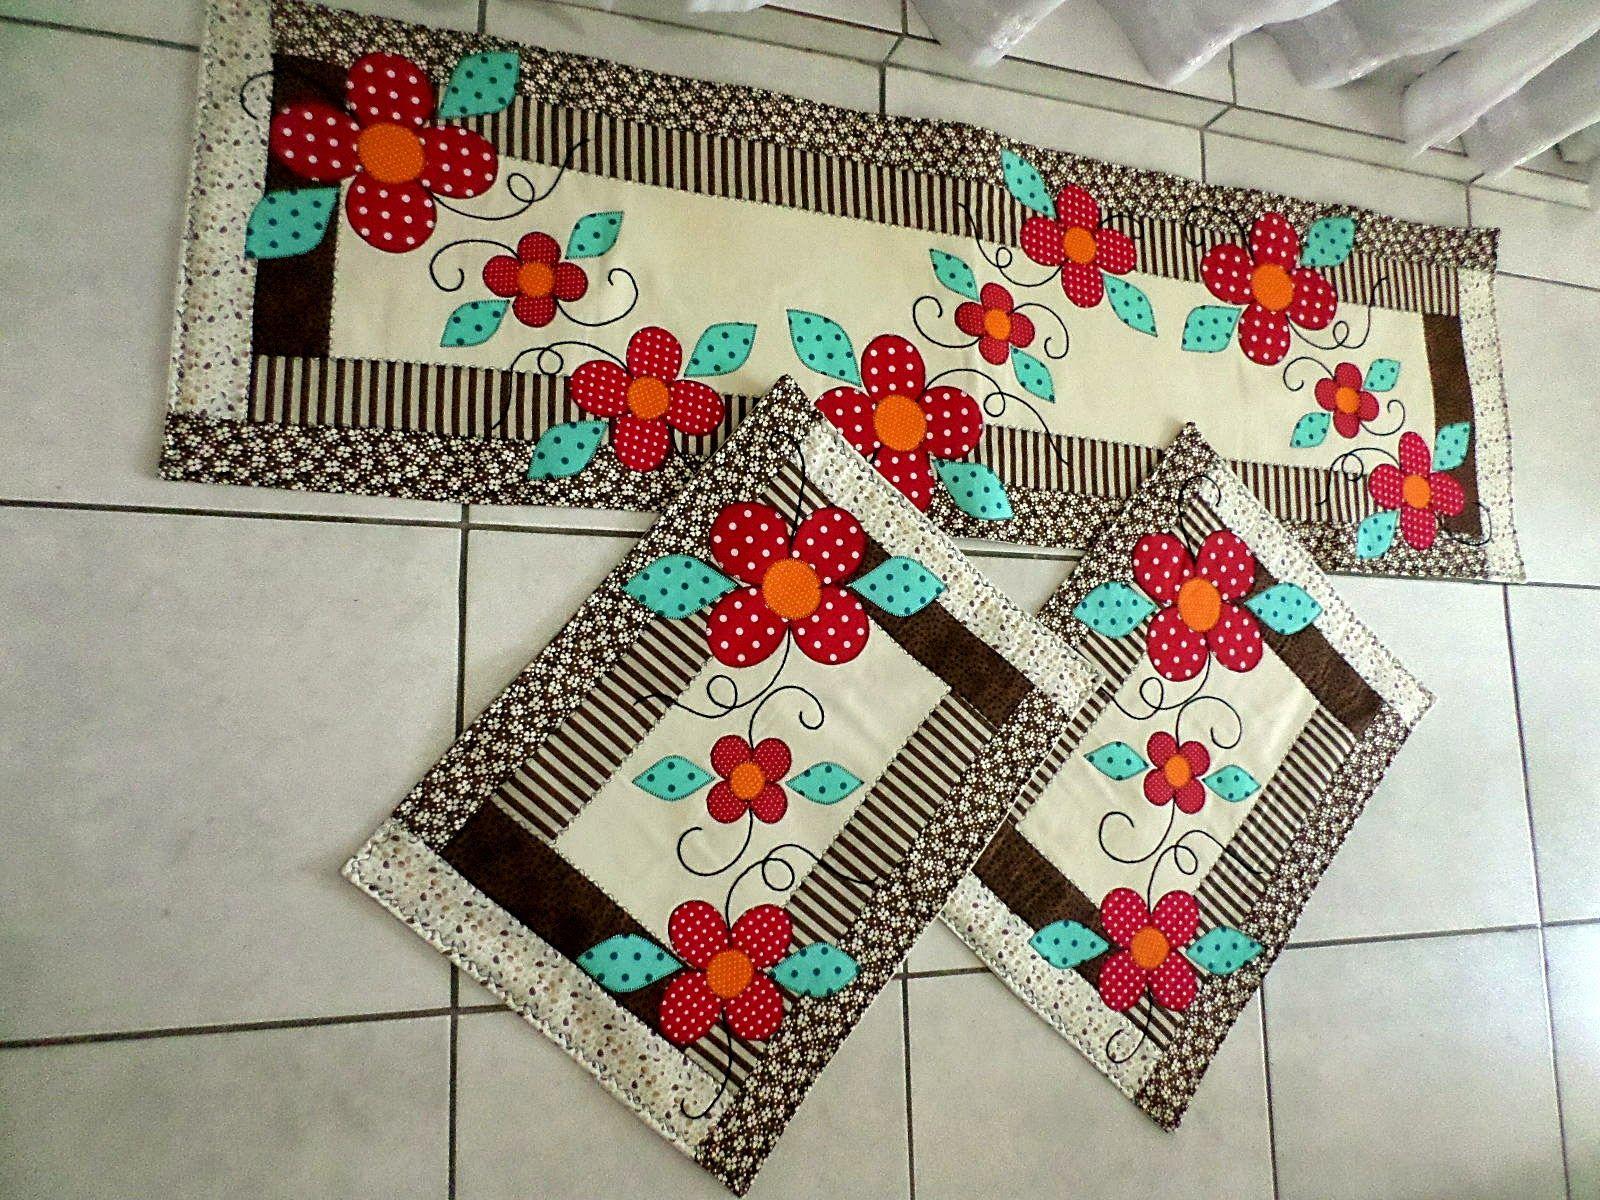 Artesana Artesanatos Jogo De Tapetes Para Cozinha Costura  -> Tapete De Tecido Para Cozinha